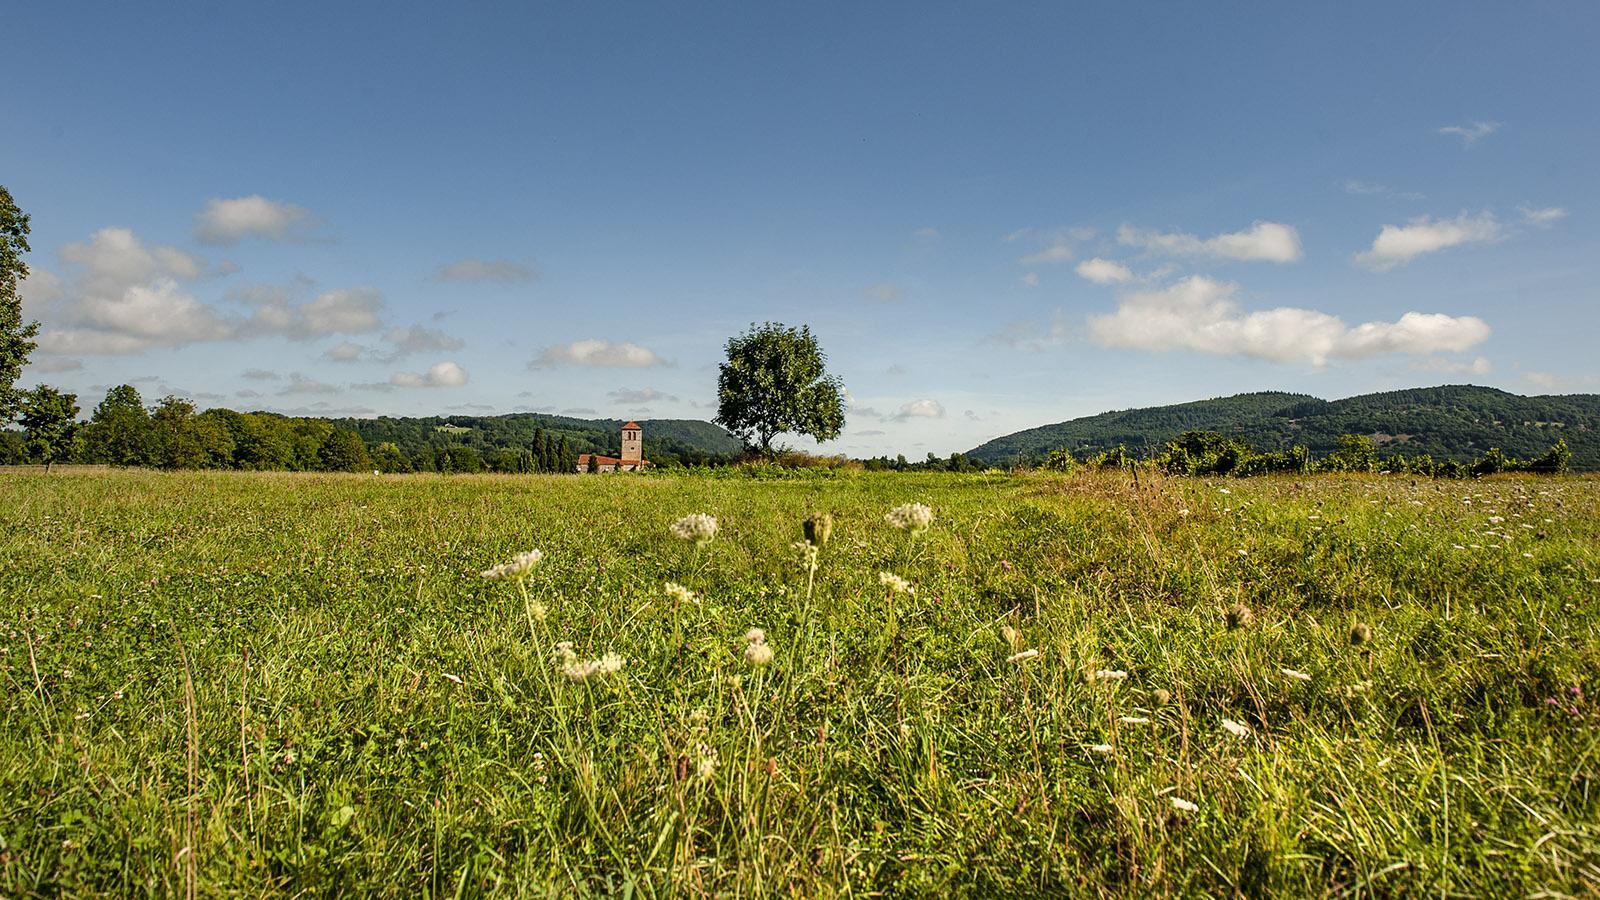 Saint-Just de Valcabrère bei Saint-Bertrand-de-Comminges im Garonne-Tal. Foto: Hilke Maunder